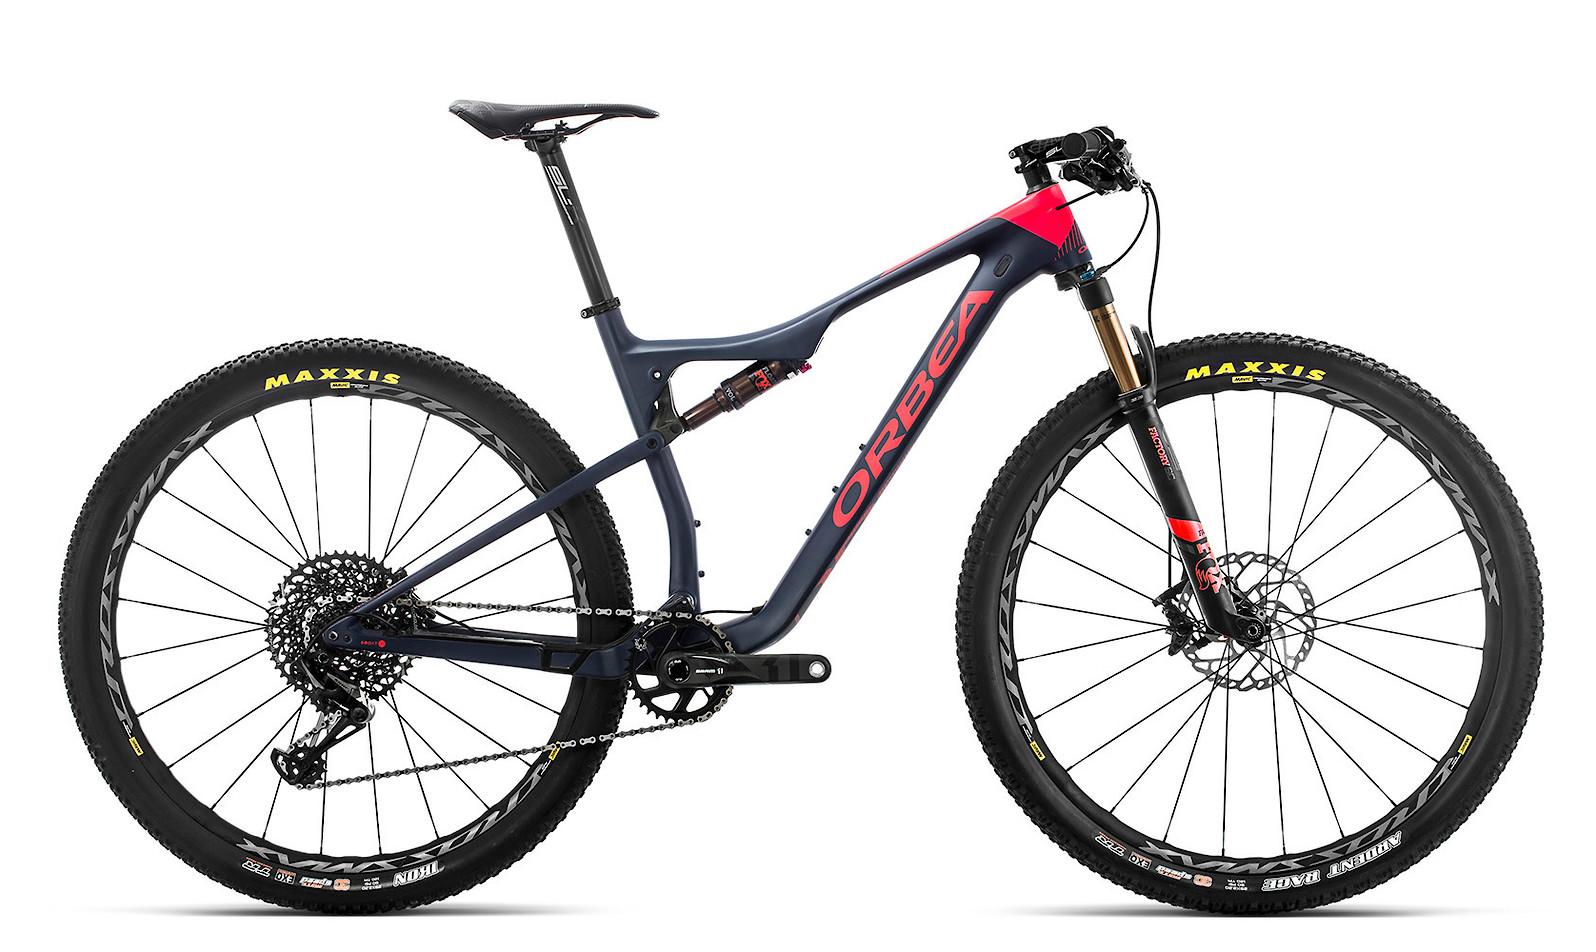 2019 Orbea Oiz M10 Bike